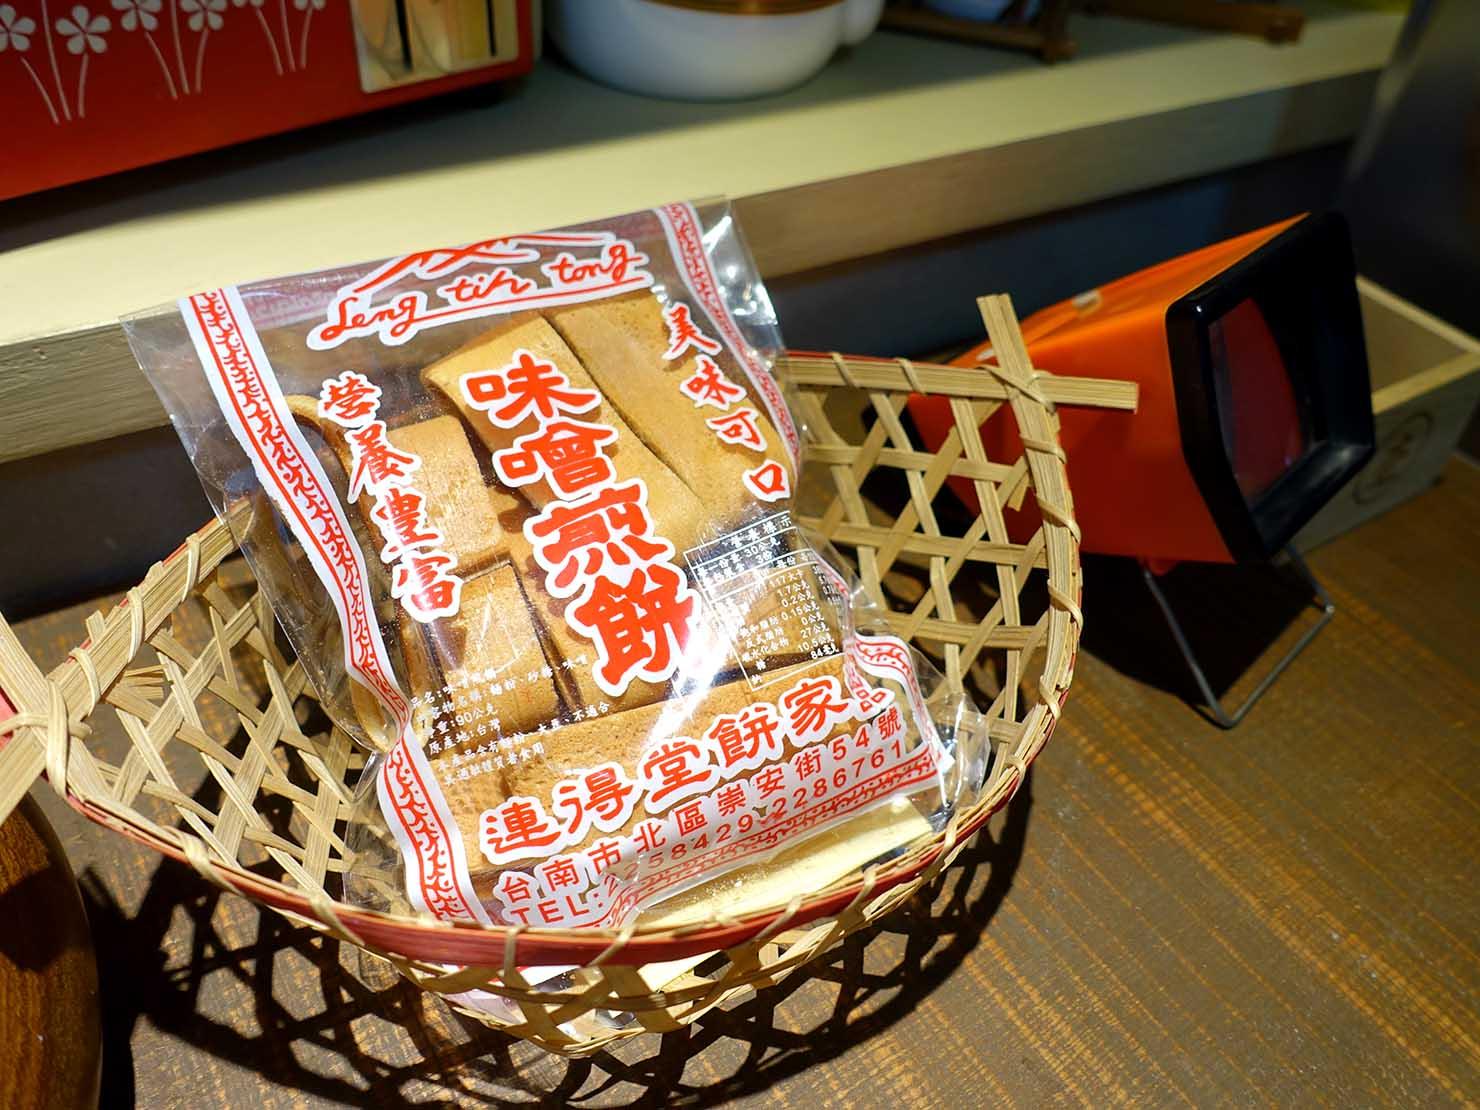 台南のおすすめ古民家ゲストハウス「永福97.1」アティックキャビン1Fに置かれた味噌煎餅